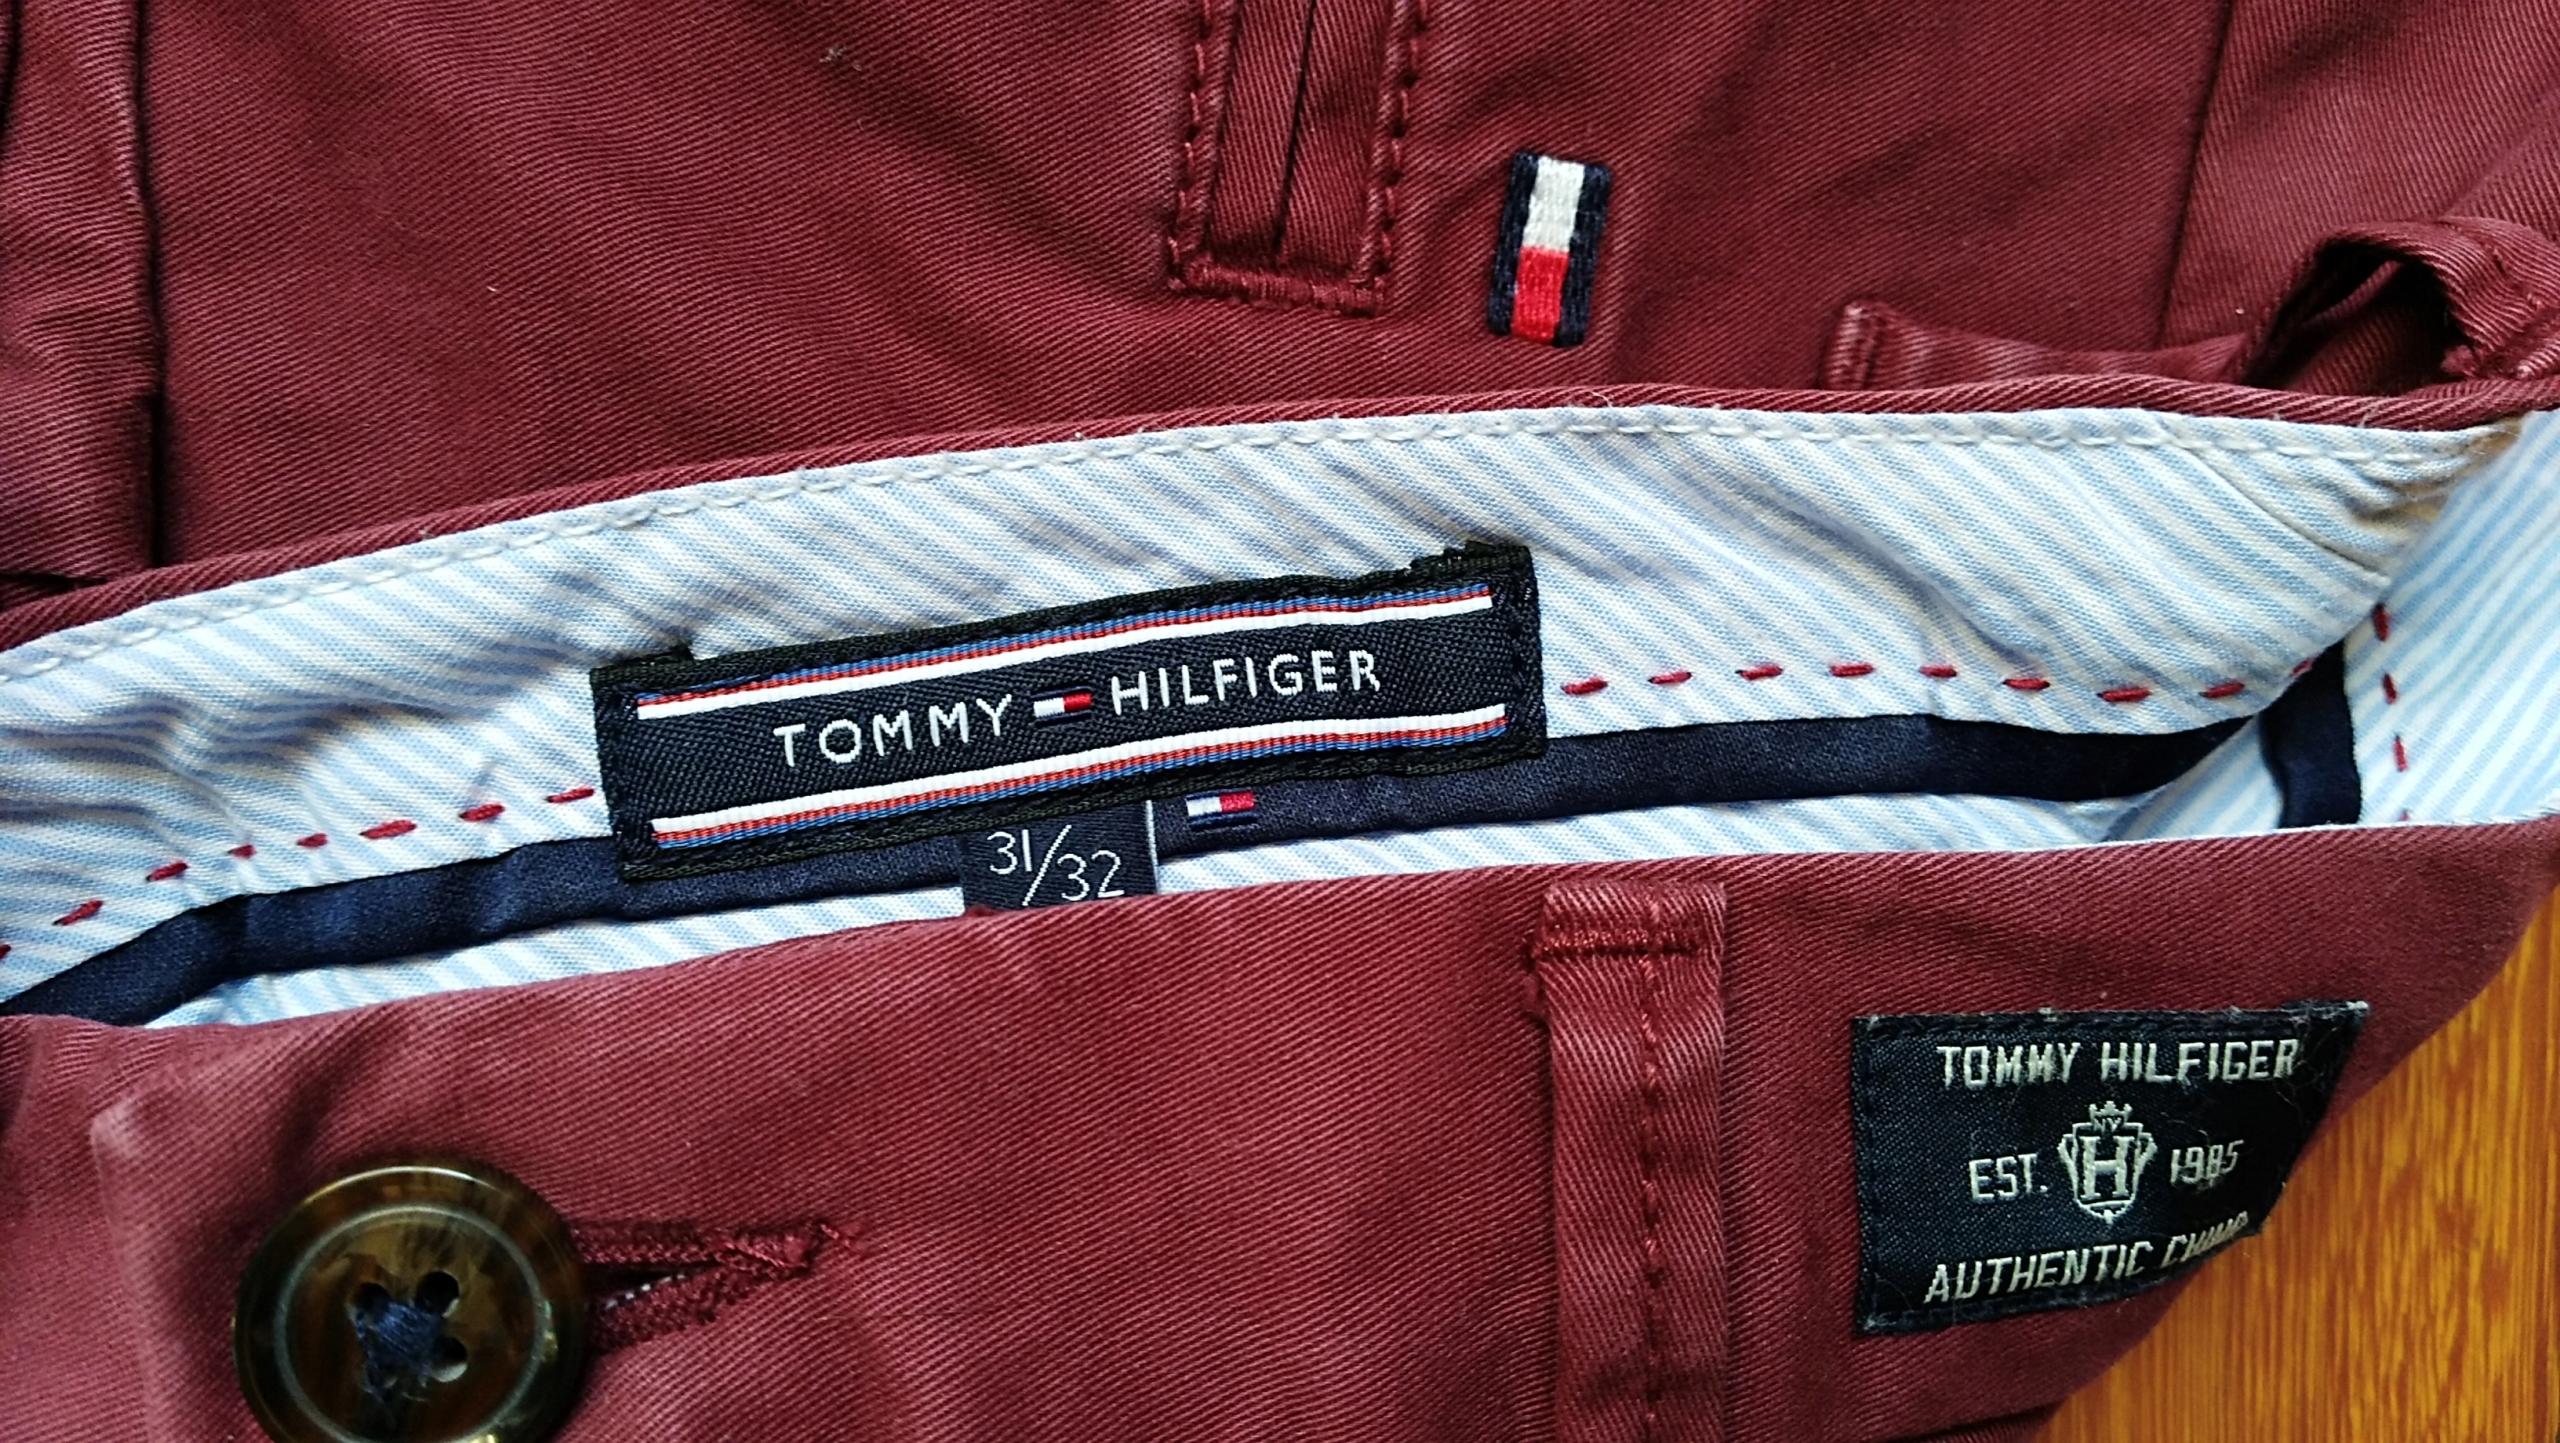 TOMMY HILFIGER spodnie chino męskie bordo W31 L32